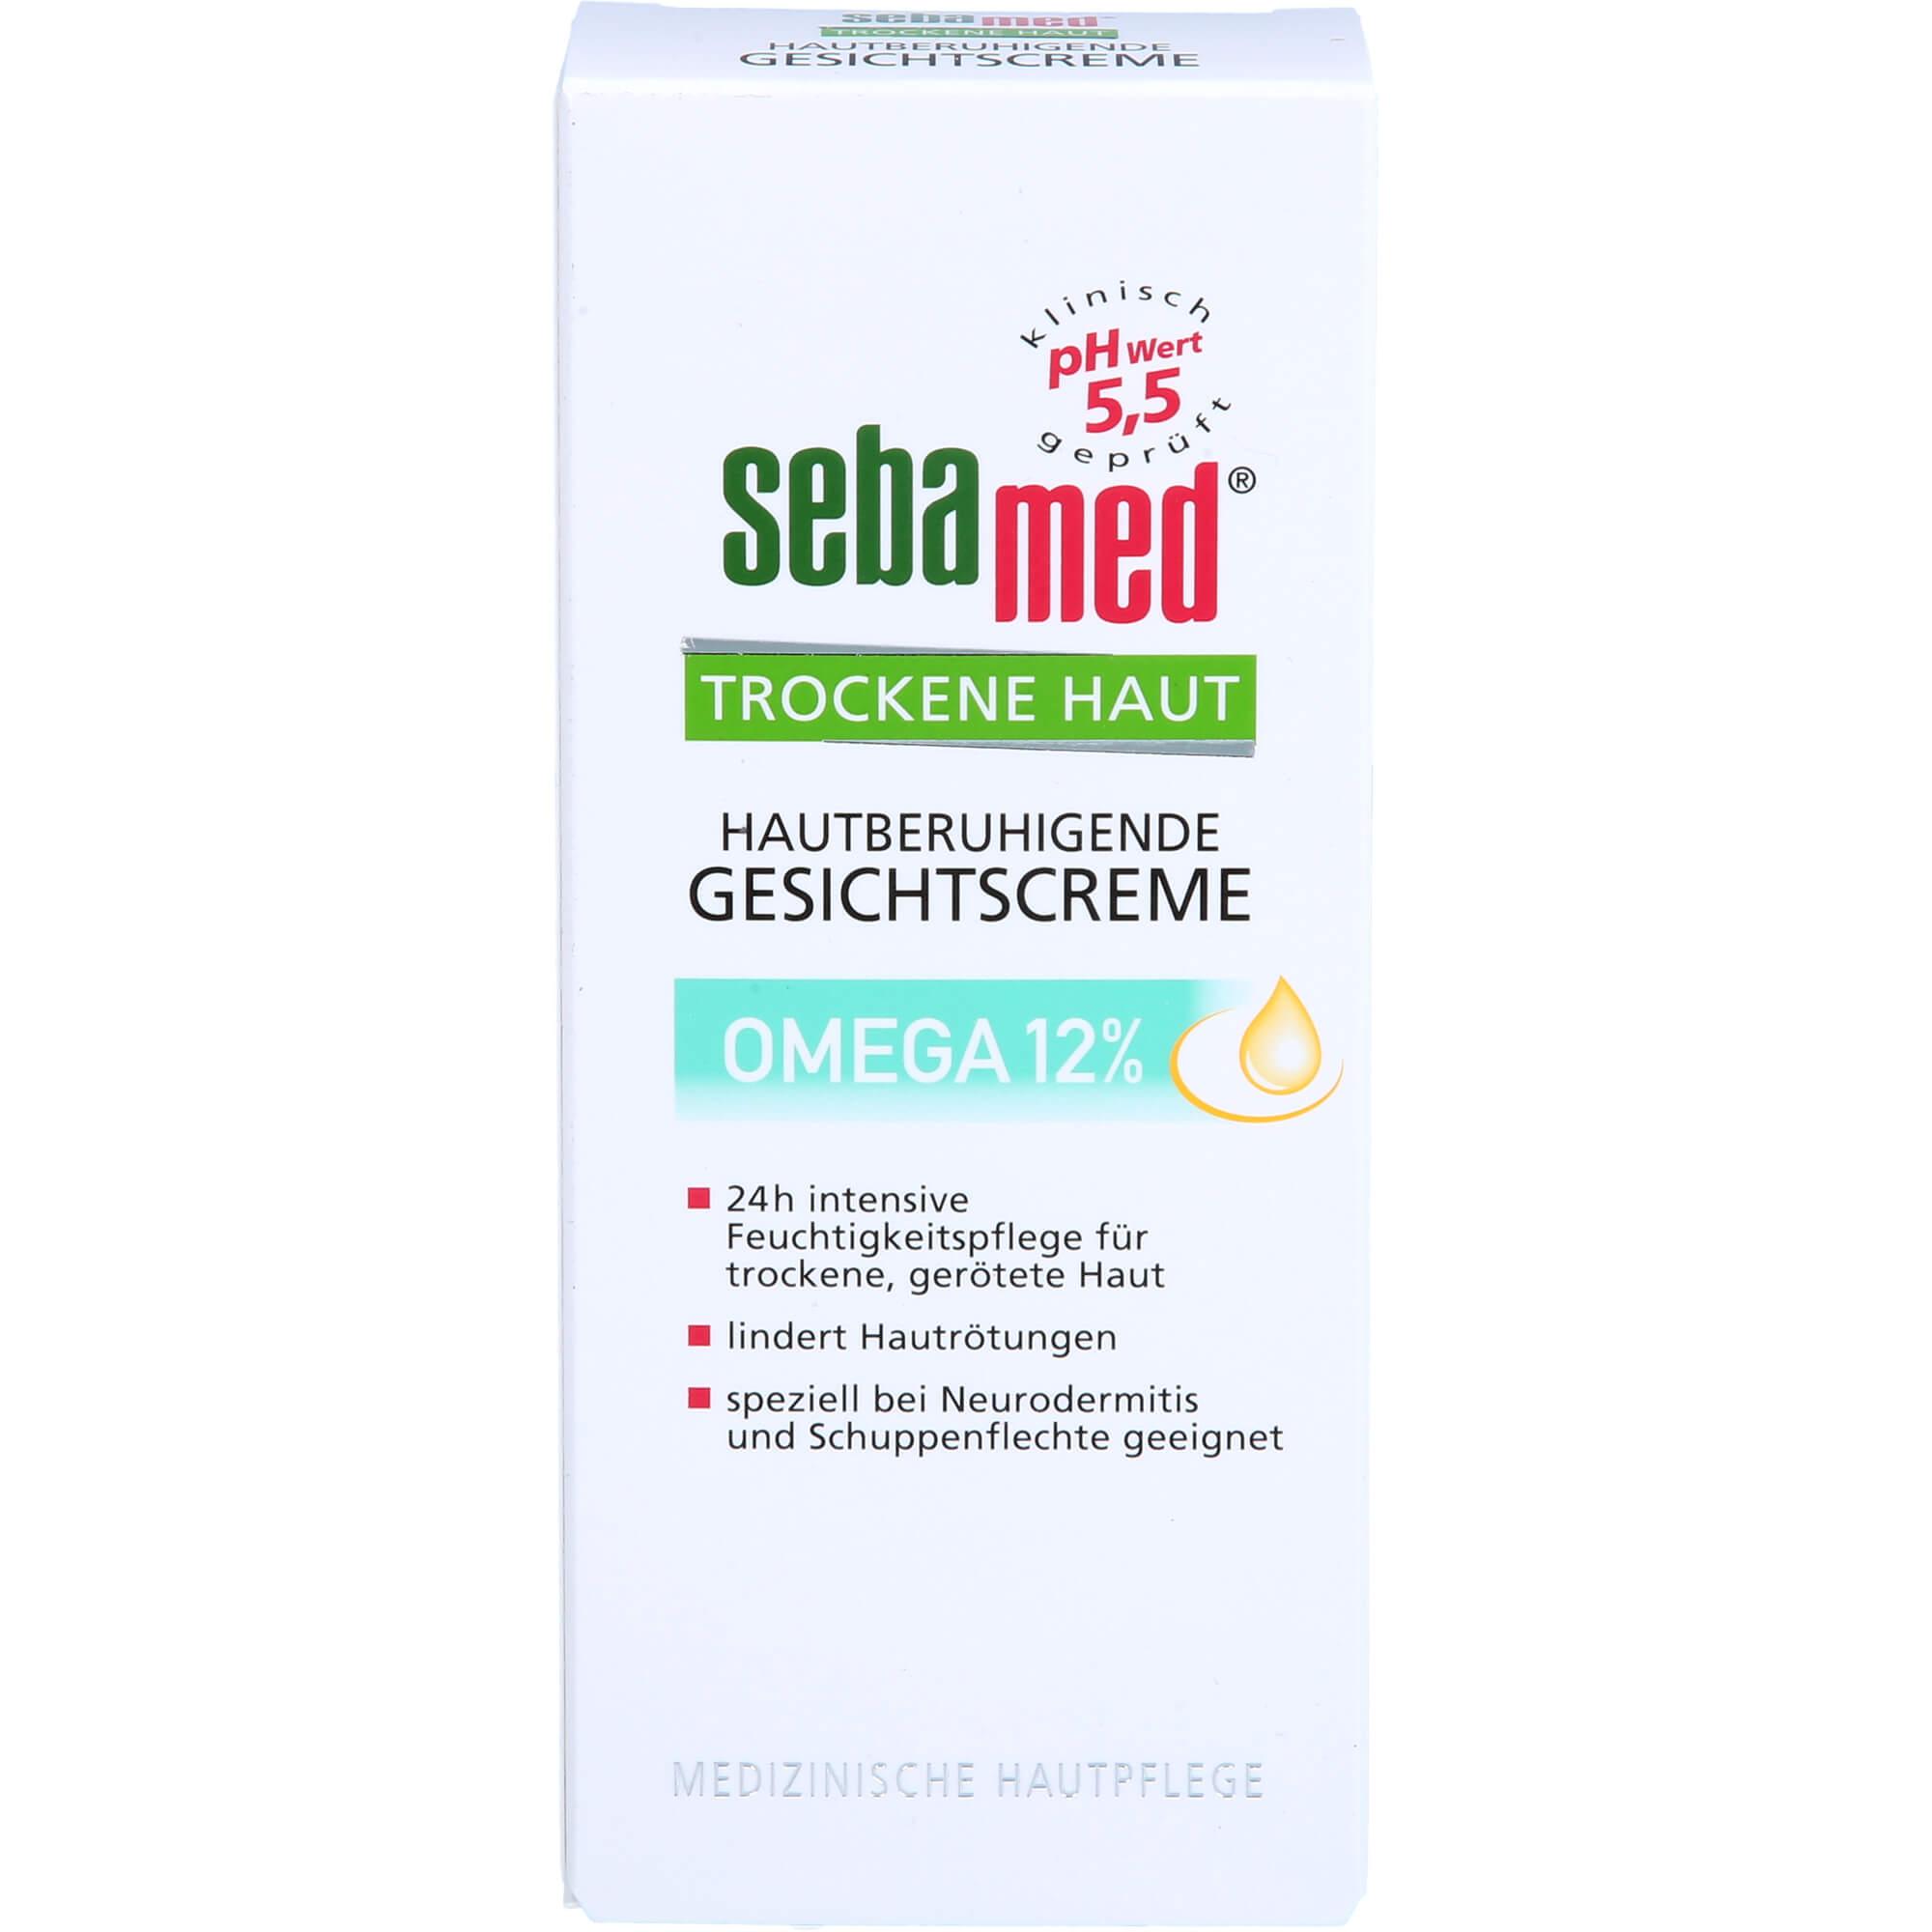 SEBAMED Trockene Haut Omega 12% Gesichtscreme